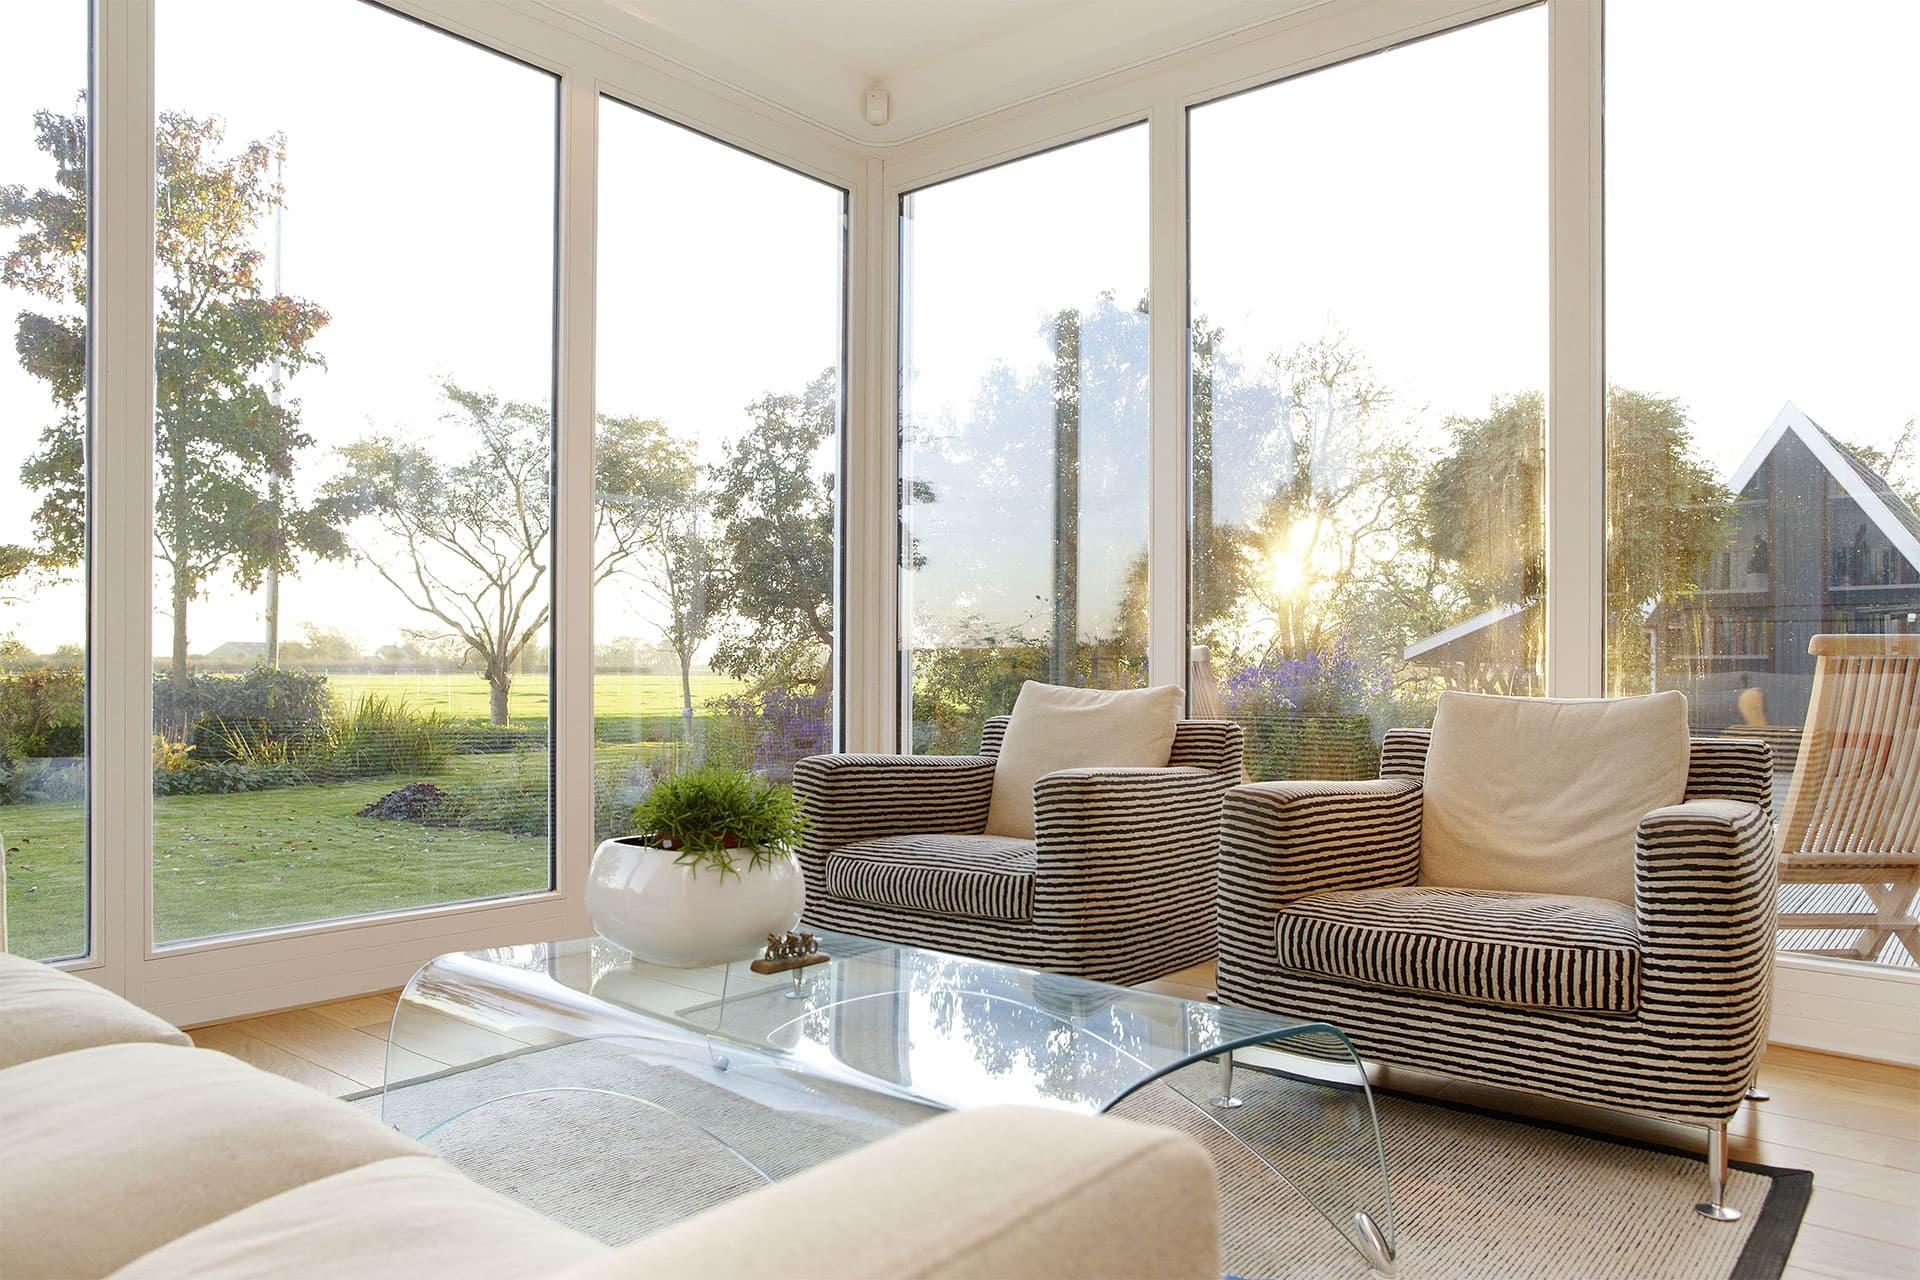 gr ne oase im haus ideen f r den wintergarten. Black Bedroom Furniture Sets. Home Design Ideas